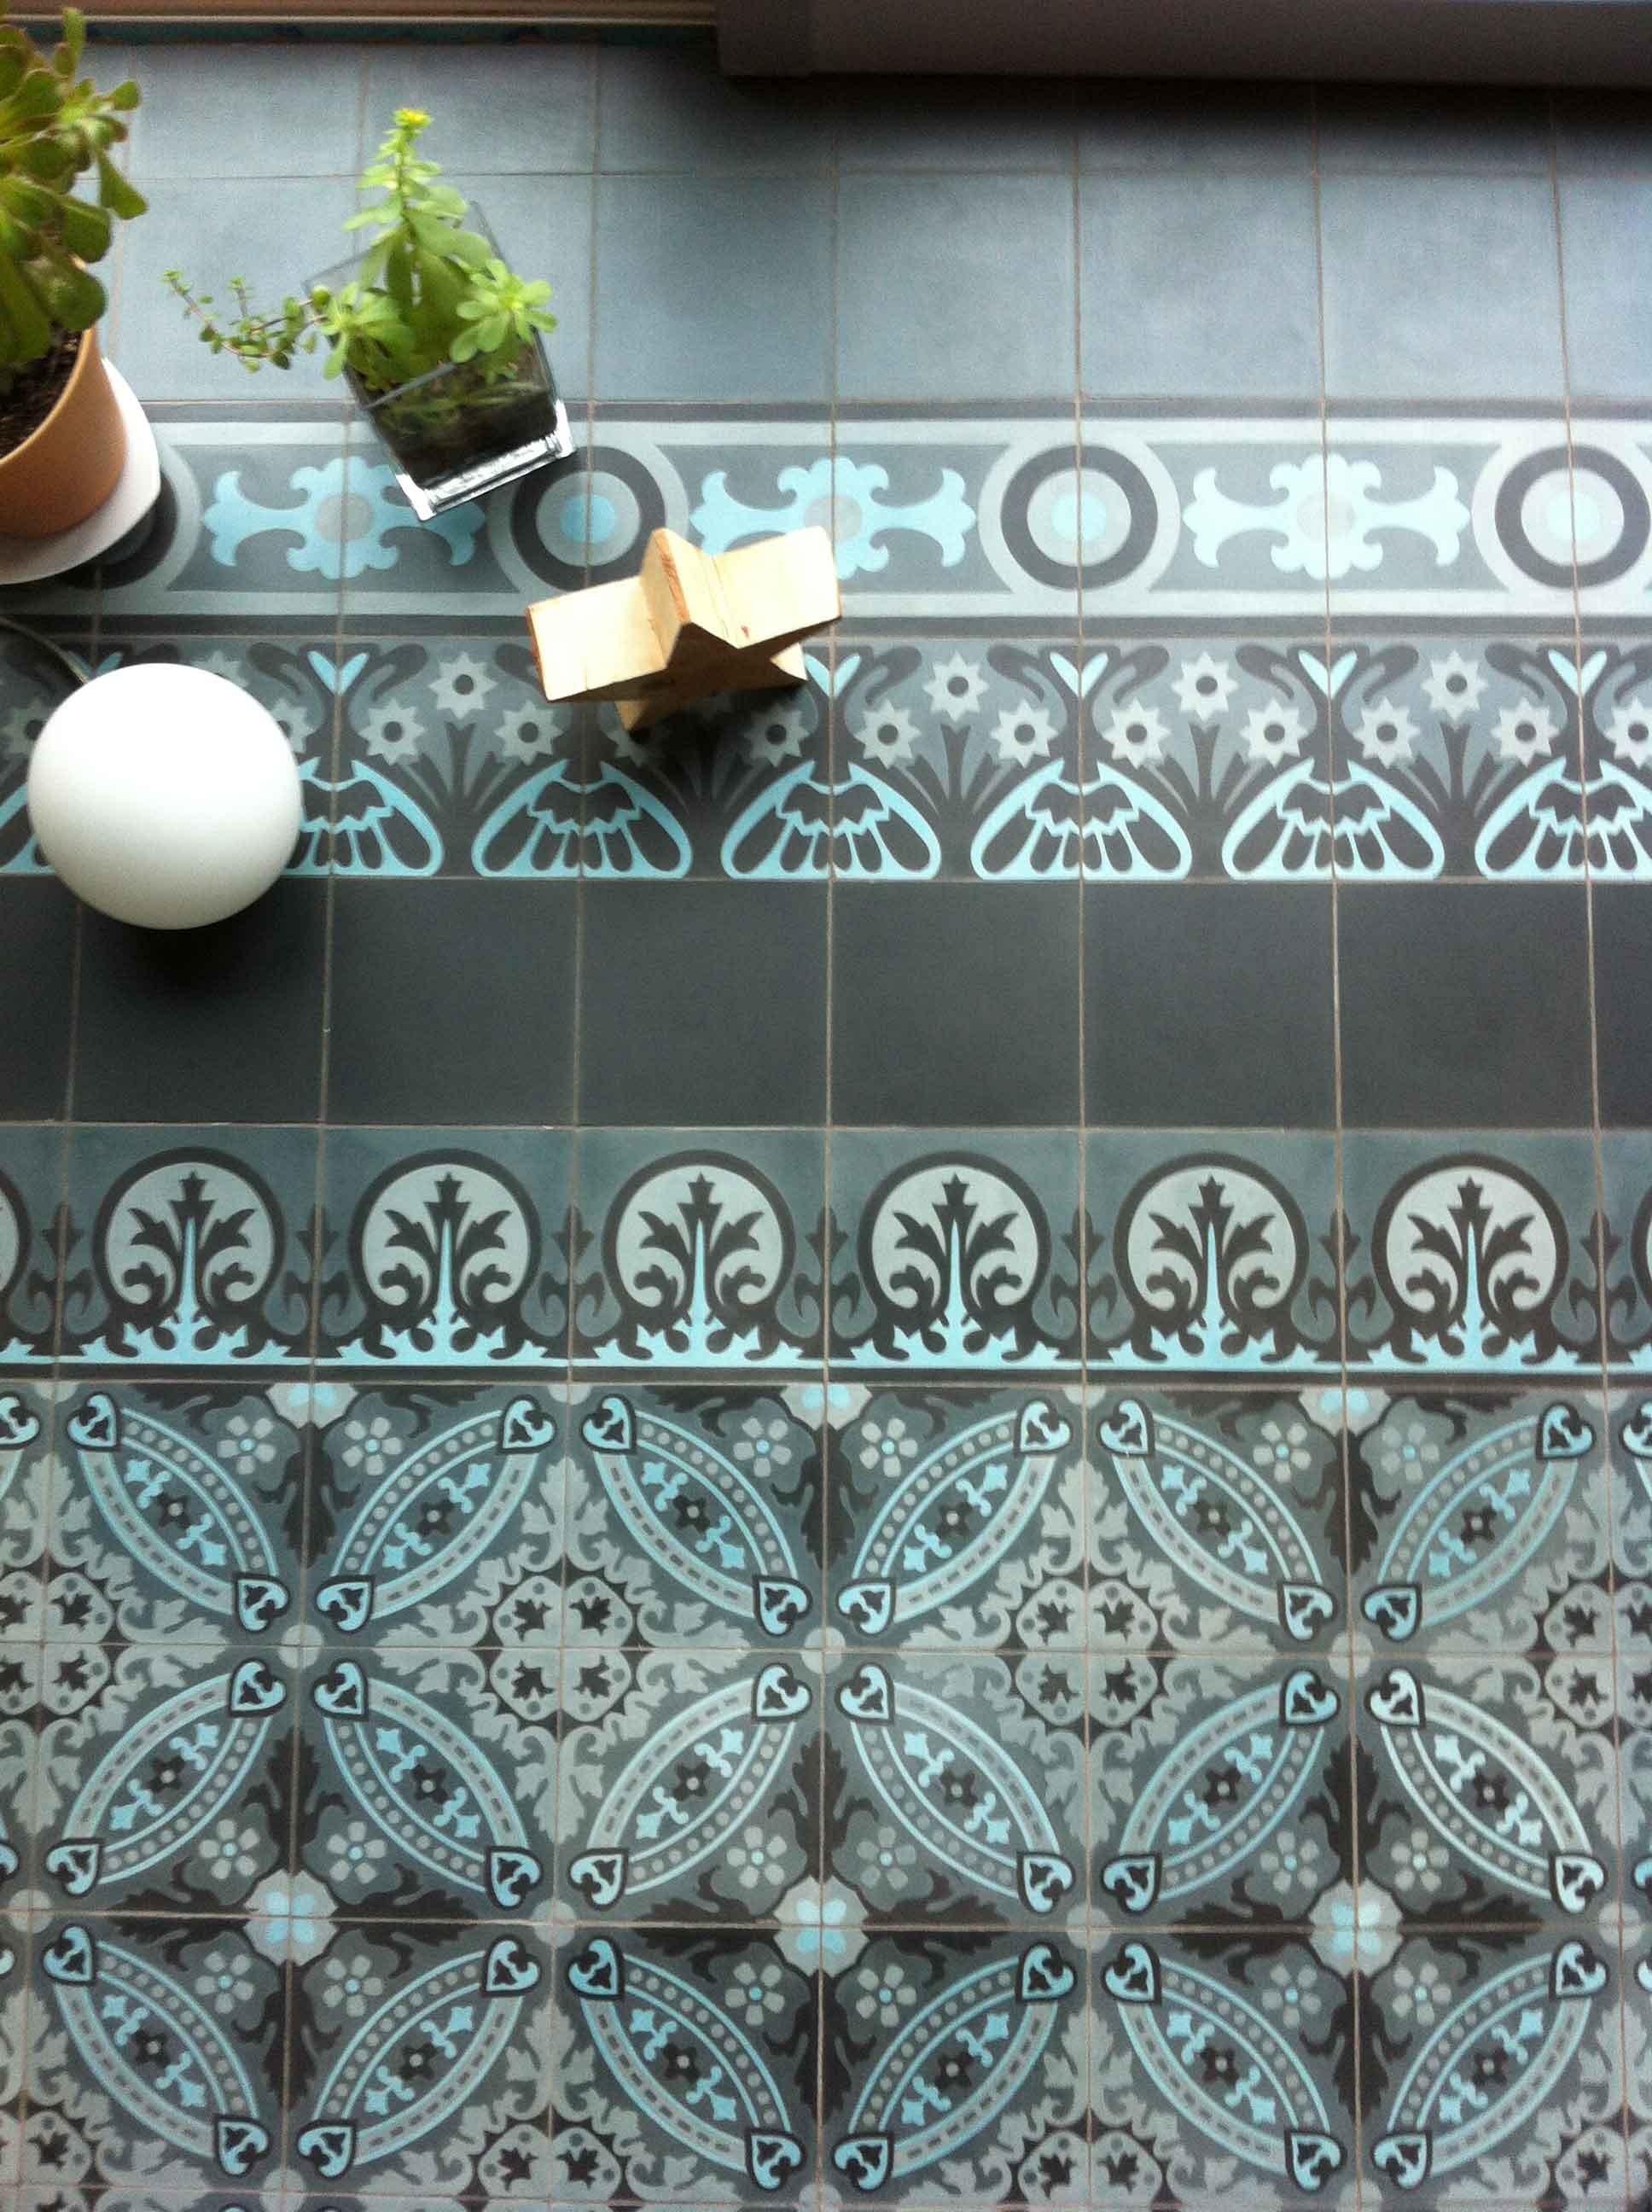 marokanische zementfliesen